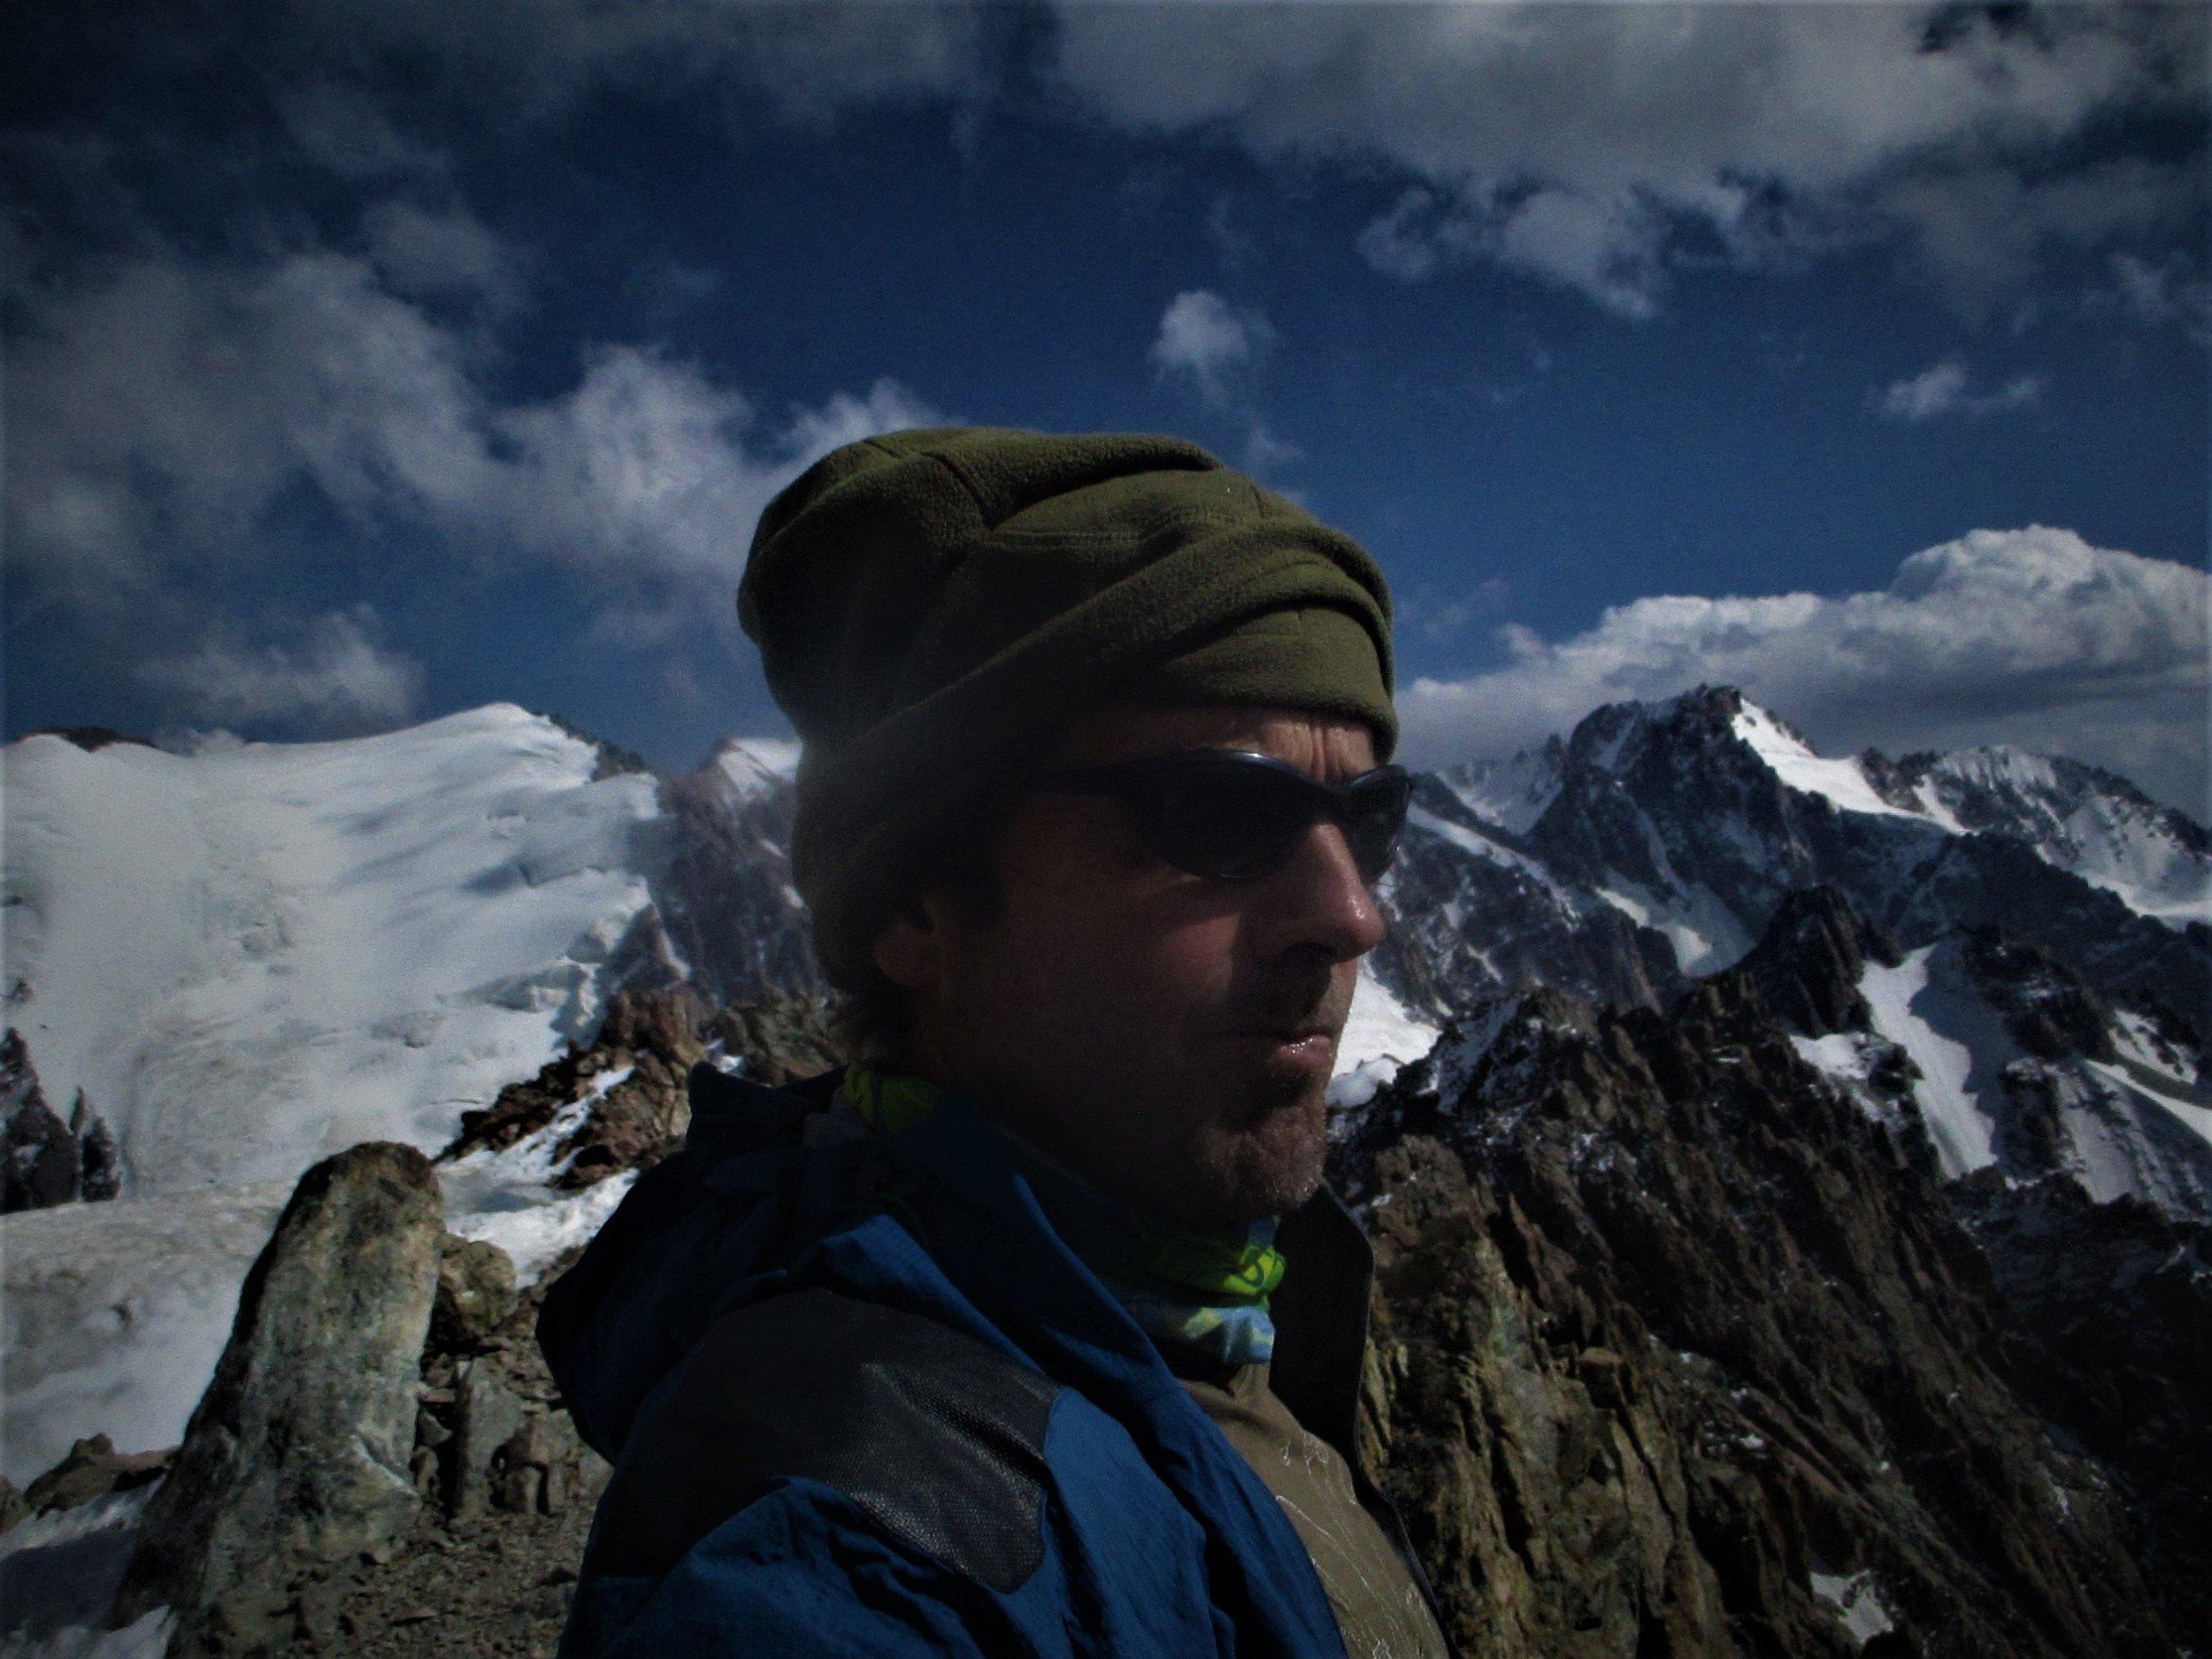 Summit Uchitel